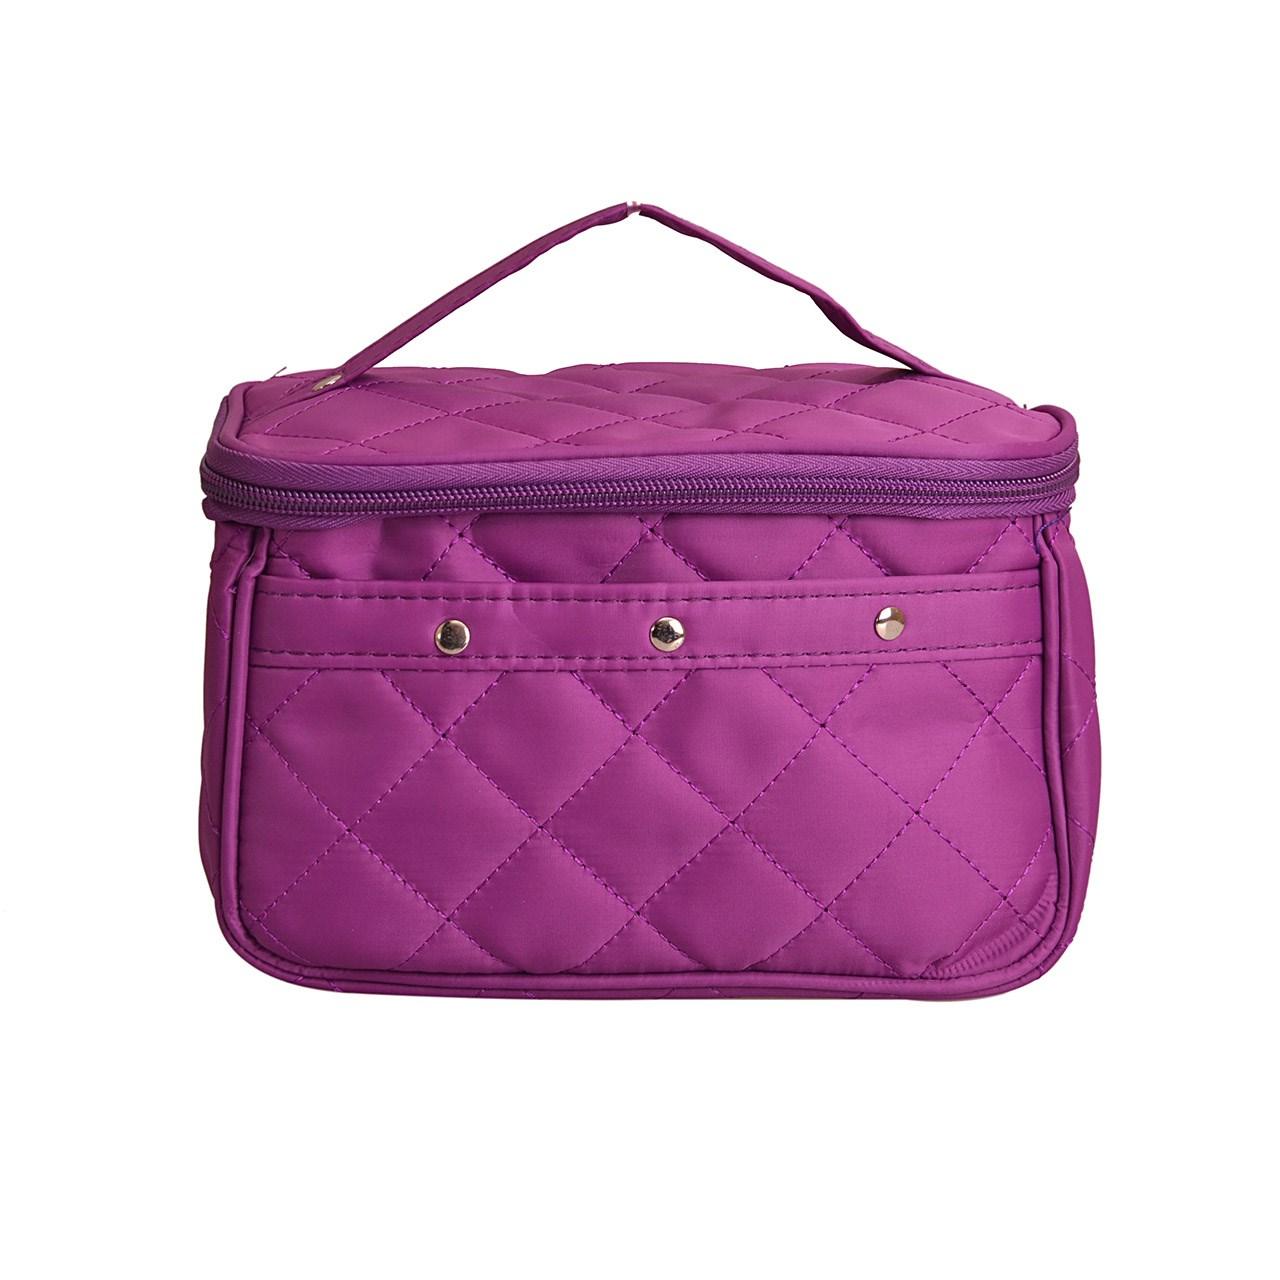 قیمت کیف لوازم آرایش رجینال مدل RS5